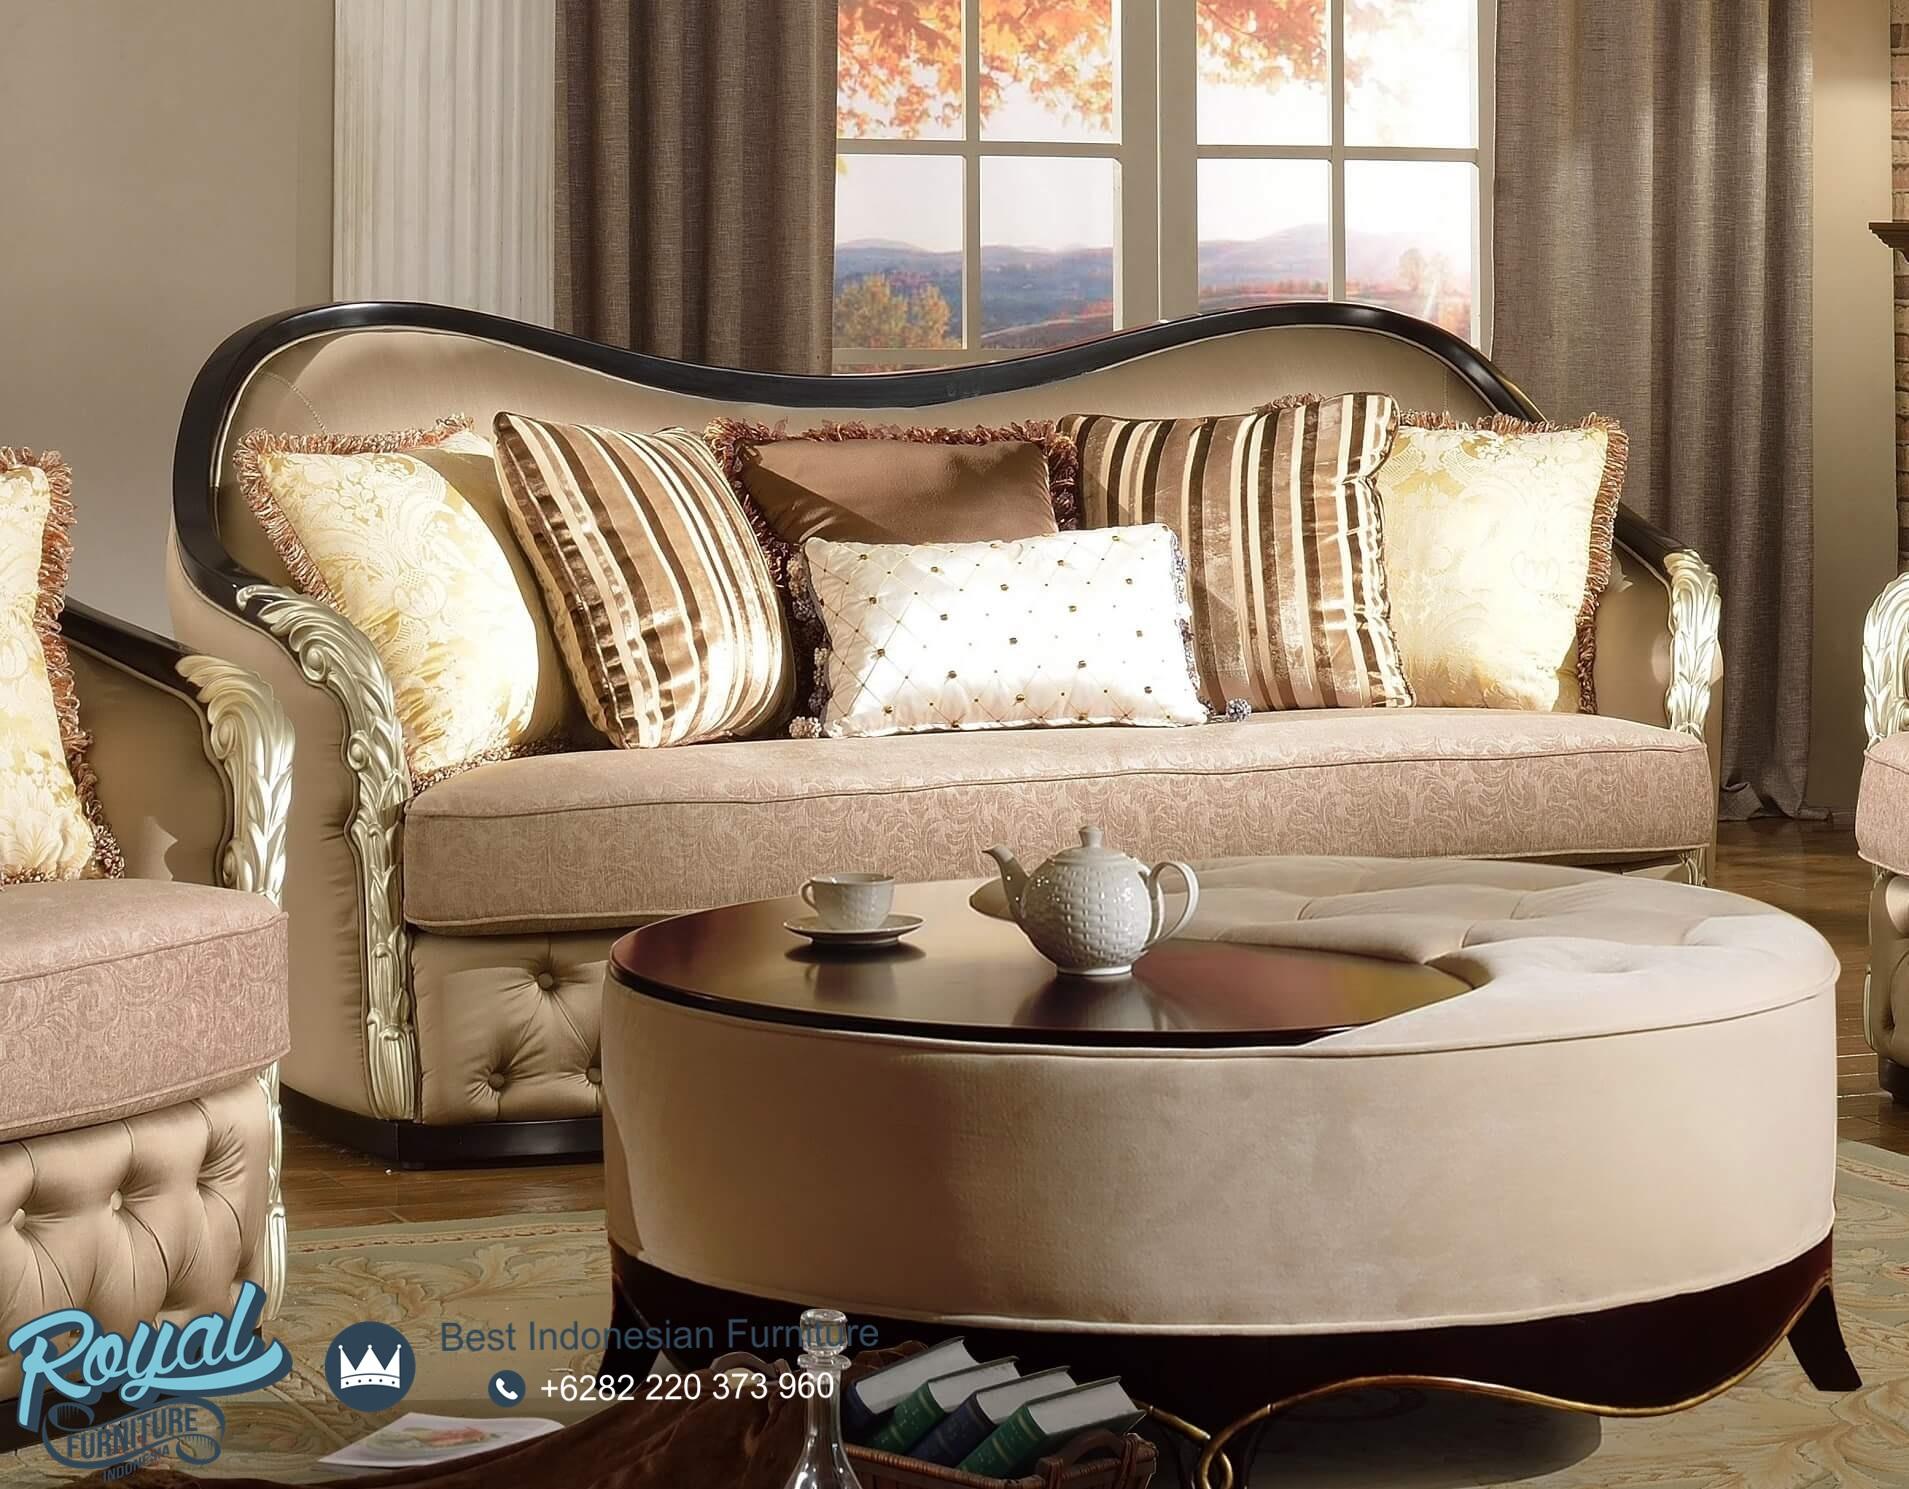 Sofa Tamu Mewah Terbaru Roselyn Wood, set sofa tamu mewah, set sofa tamu klasik, set sofa tamu minimalis, set sofa tamu modern, set sofa tamu jepara terbaru, set sofa ruang keluarga, furniture jepara, set kursi tamu jati jepara, sofa jati ukiran, model sofa tamu terbaru, kursi tamu mewah, kursi sofa tamu sudut, sofa tamu minimalis, sofa tamu ukiran jepara, kursi sofa tamu ukir jepara, sofa tamu jati jepara, sofa tamu minimalis jati, sofa mewah minimalis, kursi tamu sofa mewah, sofa mewah modern, kursi tamu mewah minimalis, kursi tamu mewah modern, kursi mewah ruang tamu, kursi tamu mewah kualitas terbaik, sofa mewah minimalis, mebel jepara, royal furniture